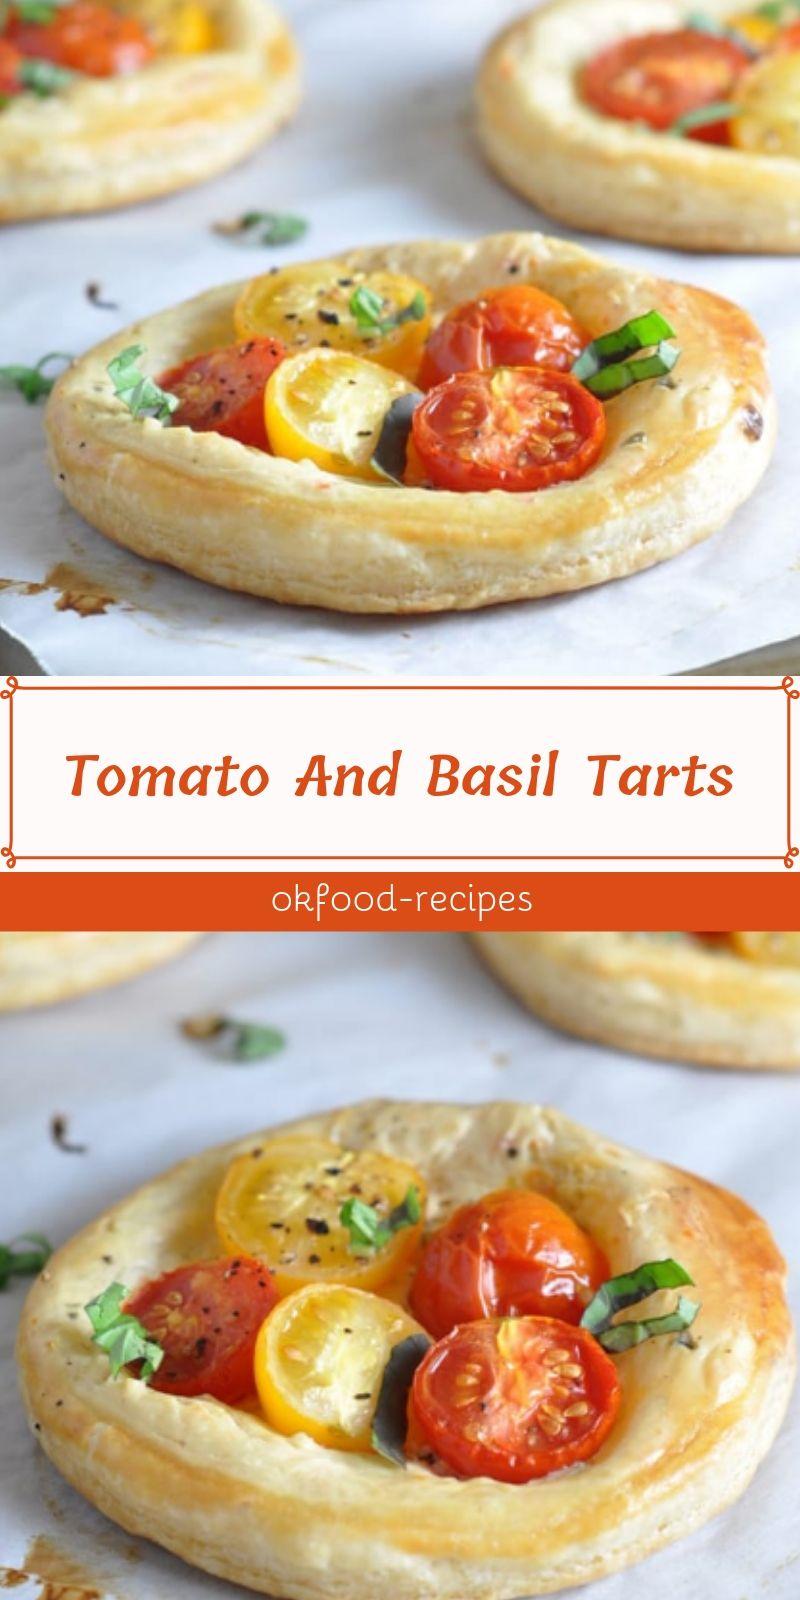 Tomato And Basil Tarts